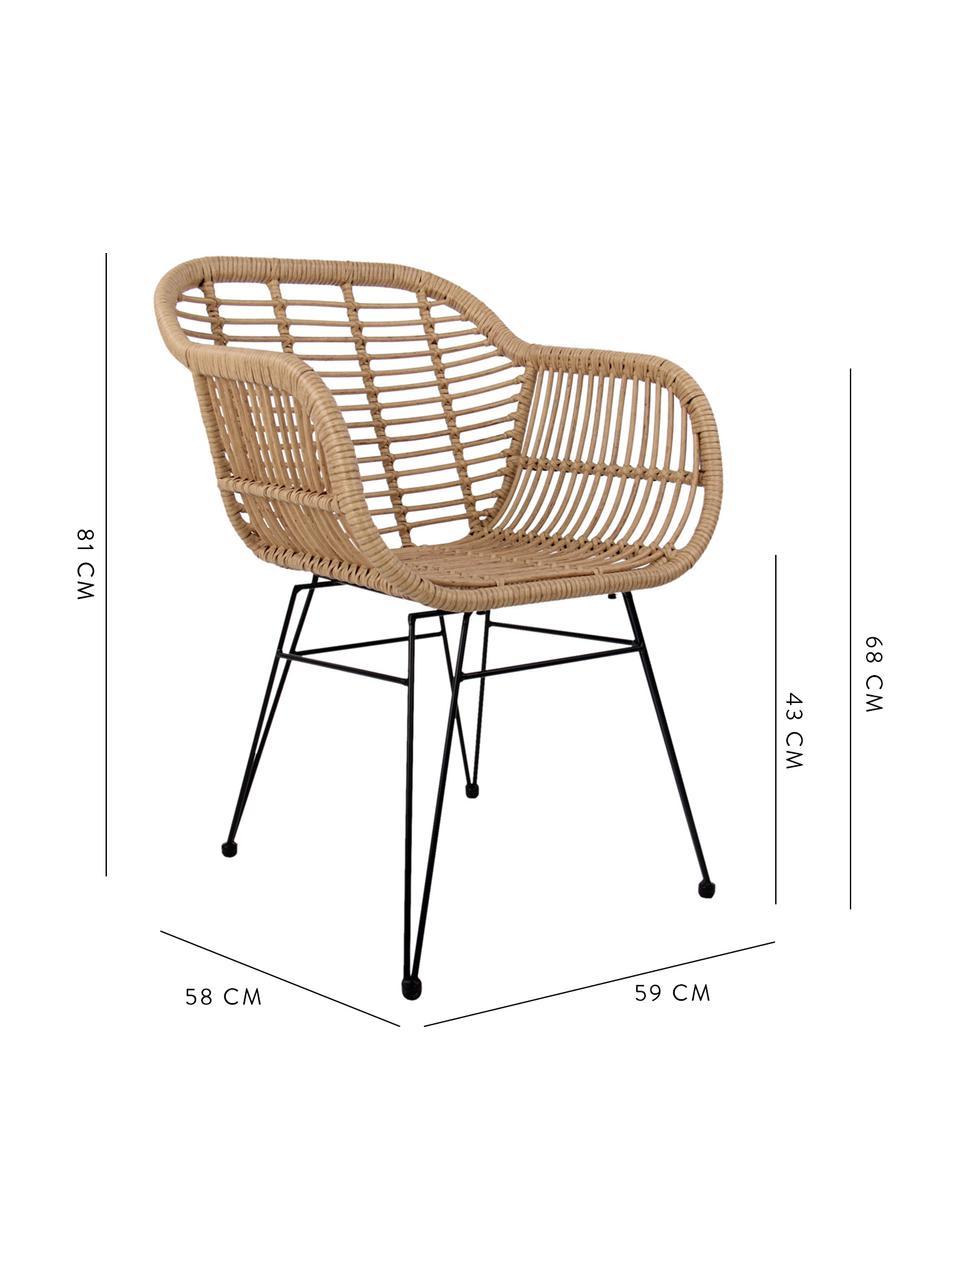 Sillas con reposabrazos Costa, 2uds., Asiento: polietileno, Estructura: metal con pintura en polv, Beige, negro, An 59 x F 58 cm